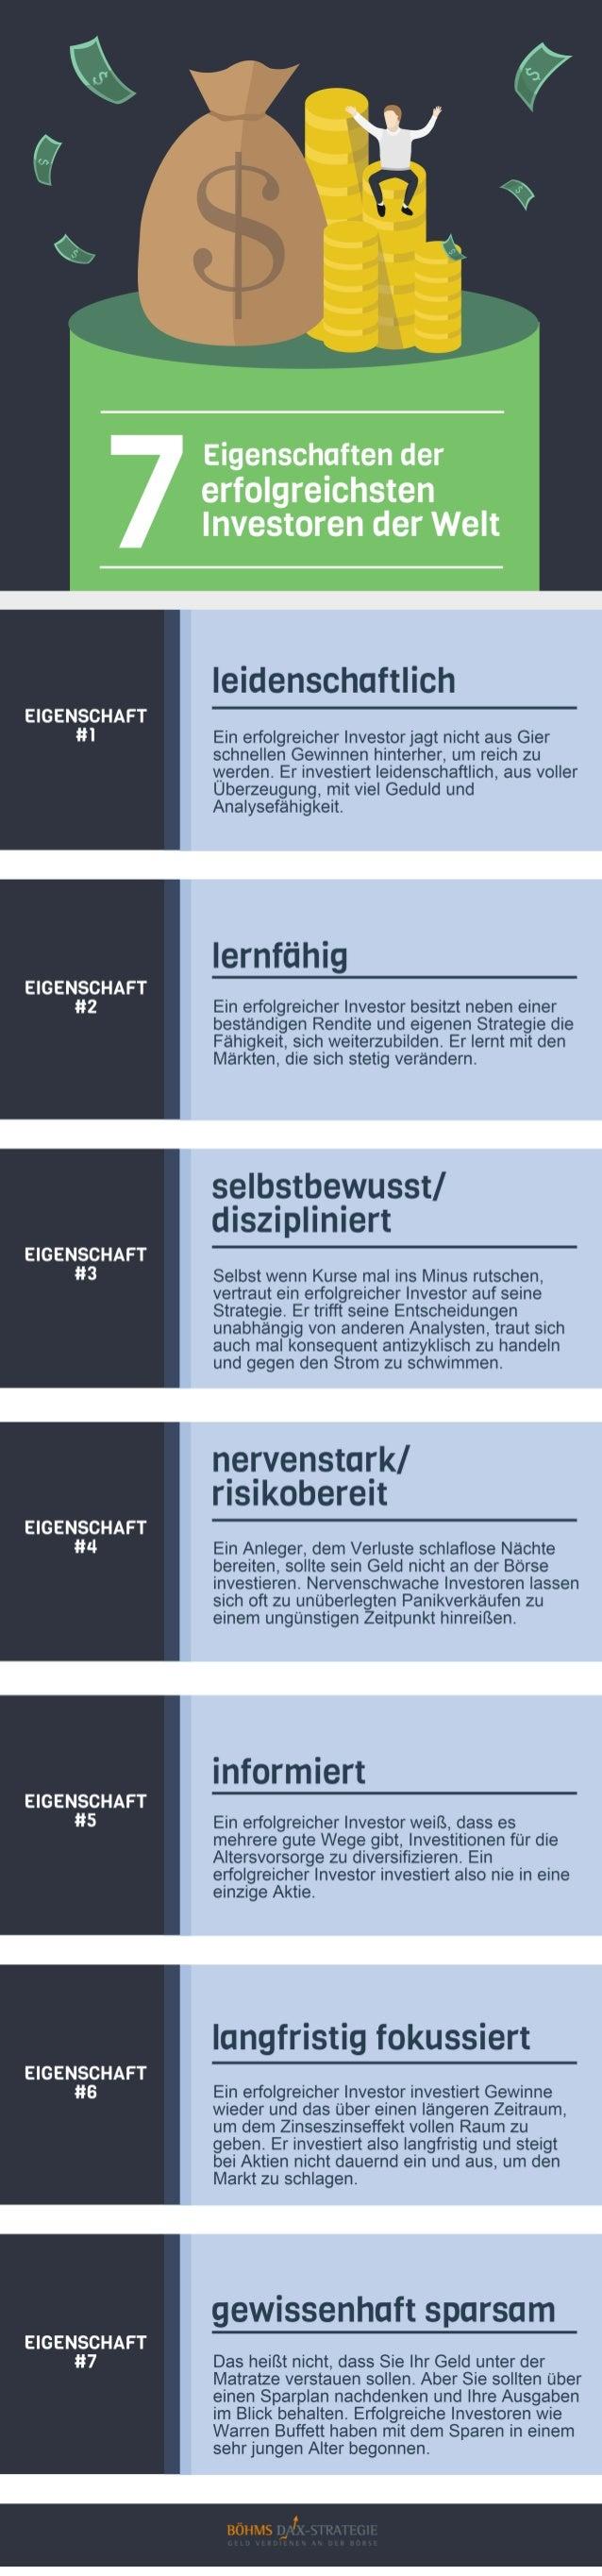 Sieben Eigenschaften der erfolgreichsten Investoren der Welt - Böhms Dax-Strategie